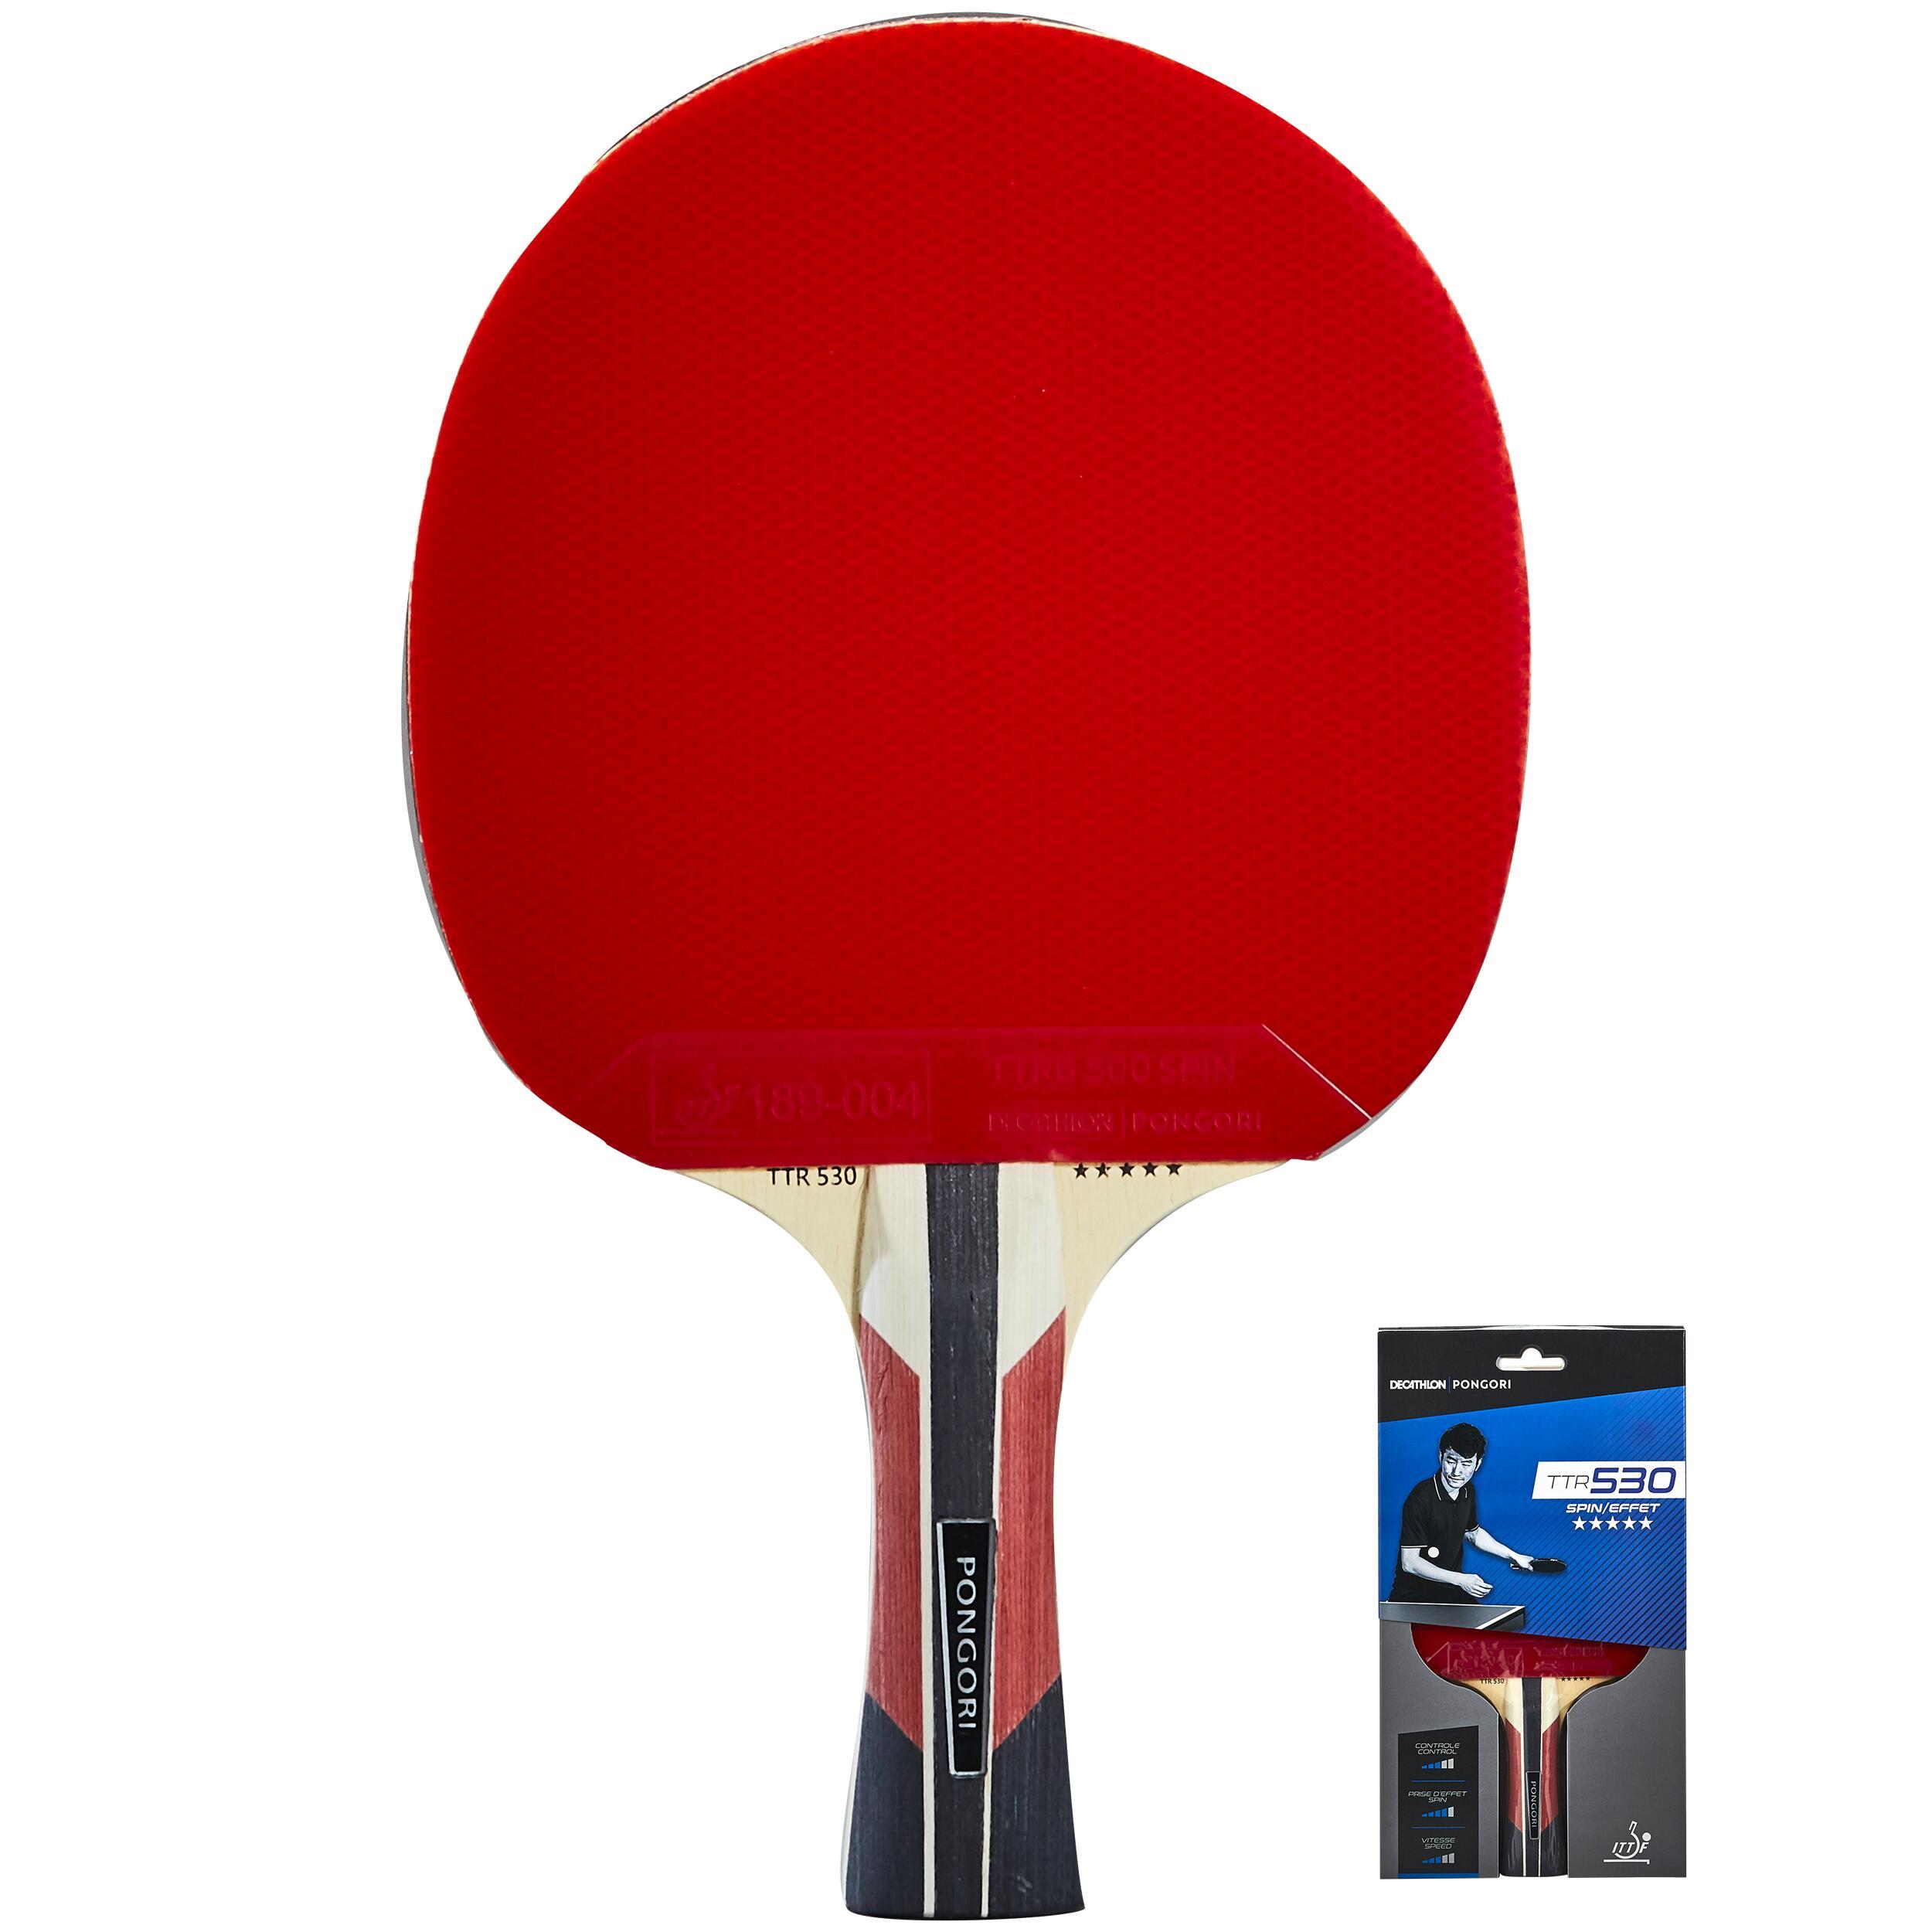 Paletă Tenis 530 5* SPIN imagine